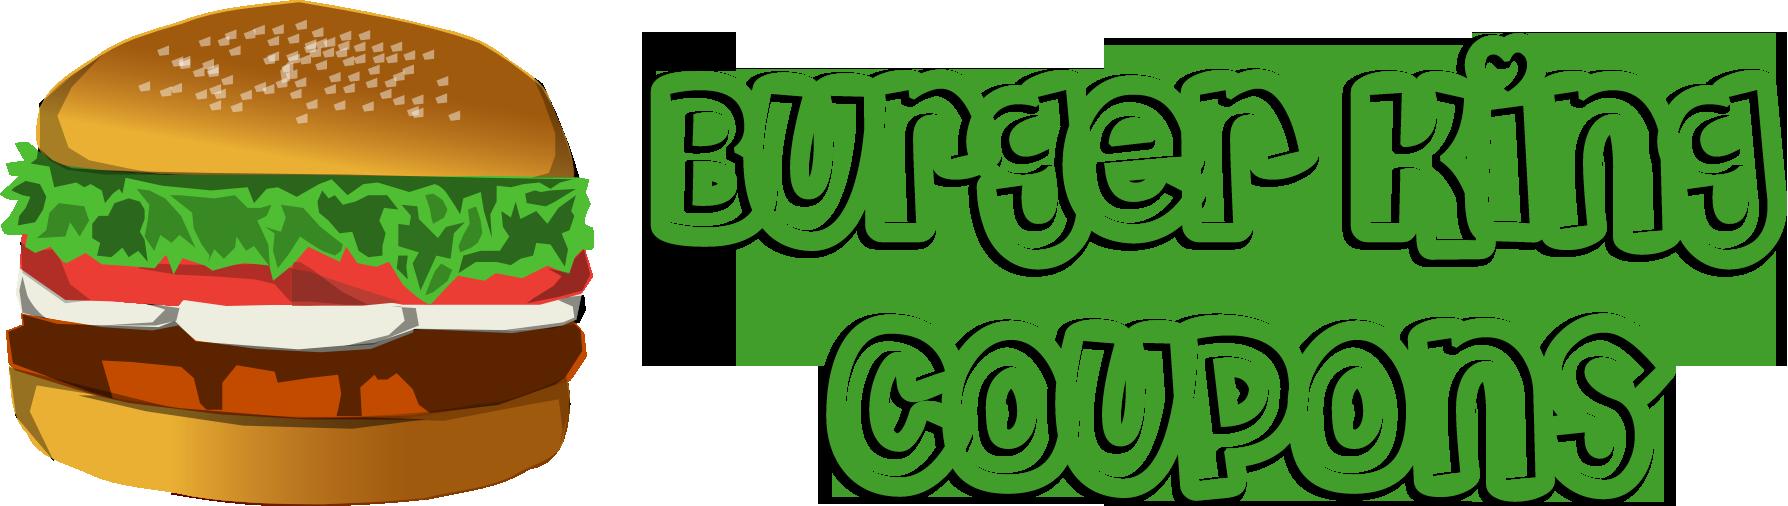 januar 2018 februar 2018 sparcoupons gutscheine f r burger king dealblog schn ppchen. Black Bedroom Furniture Sets. Home Design Ideas